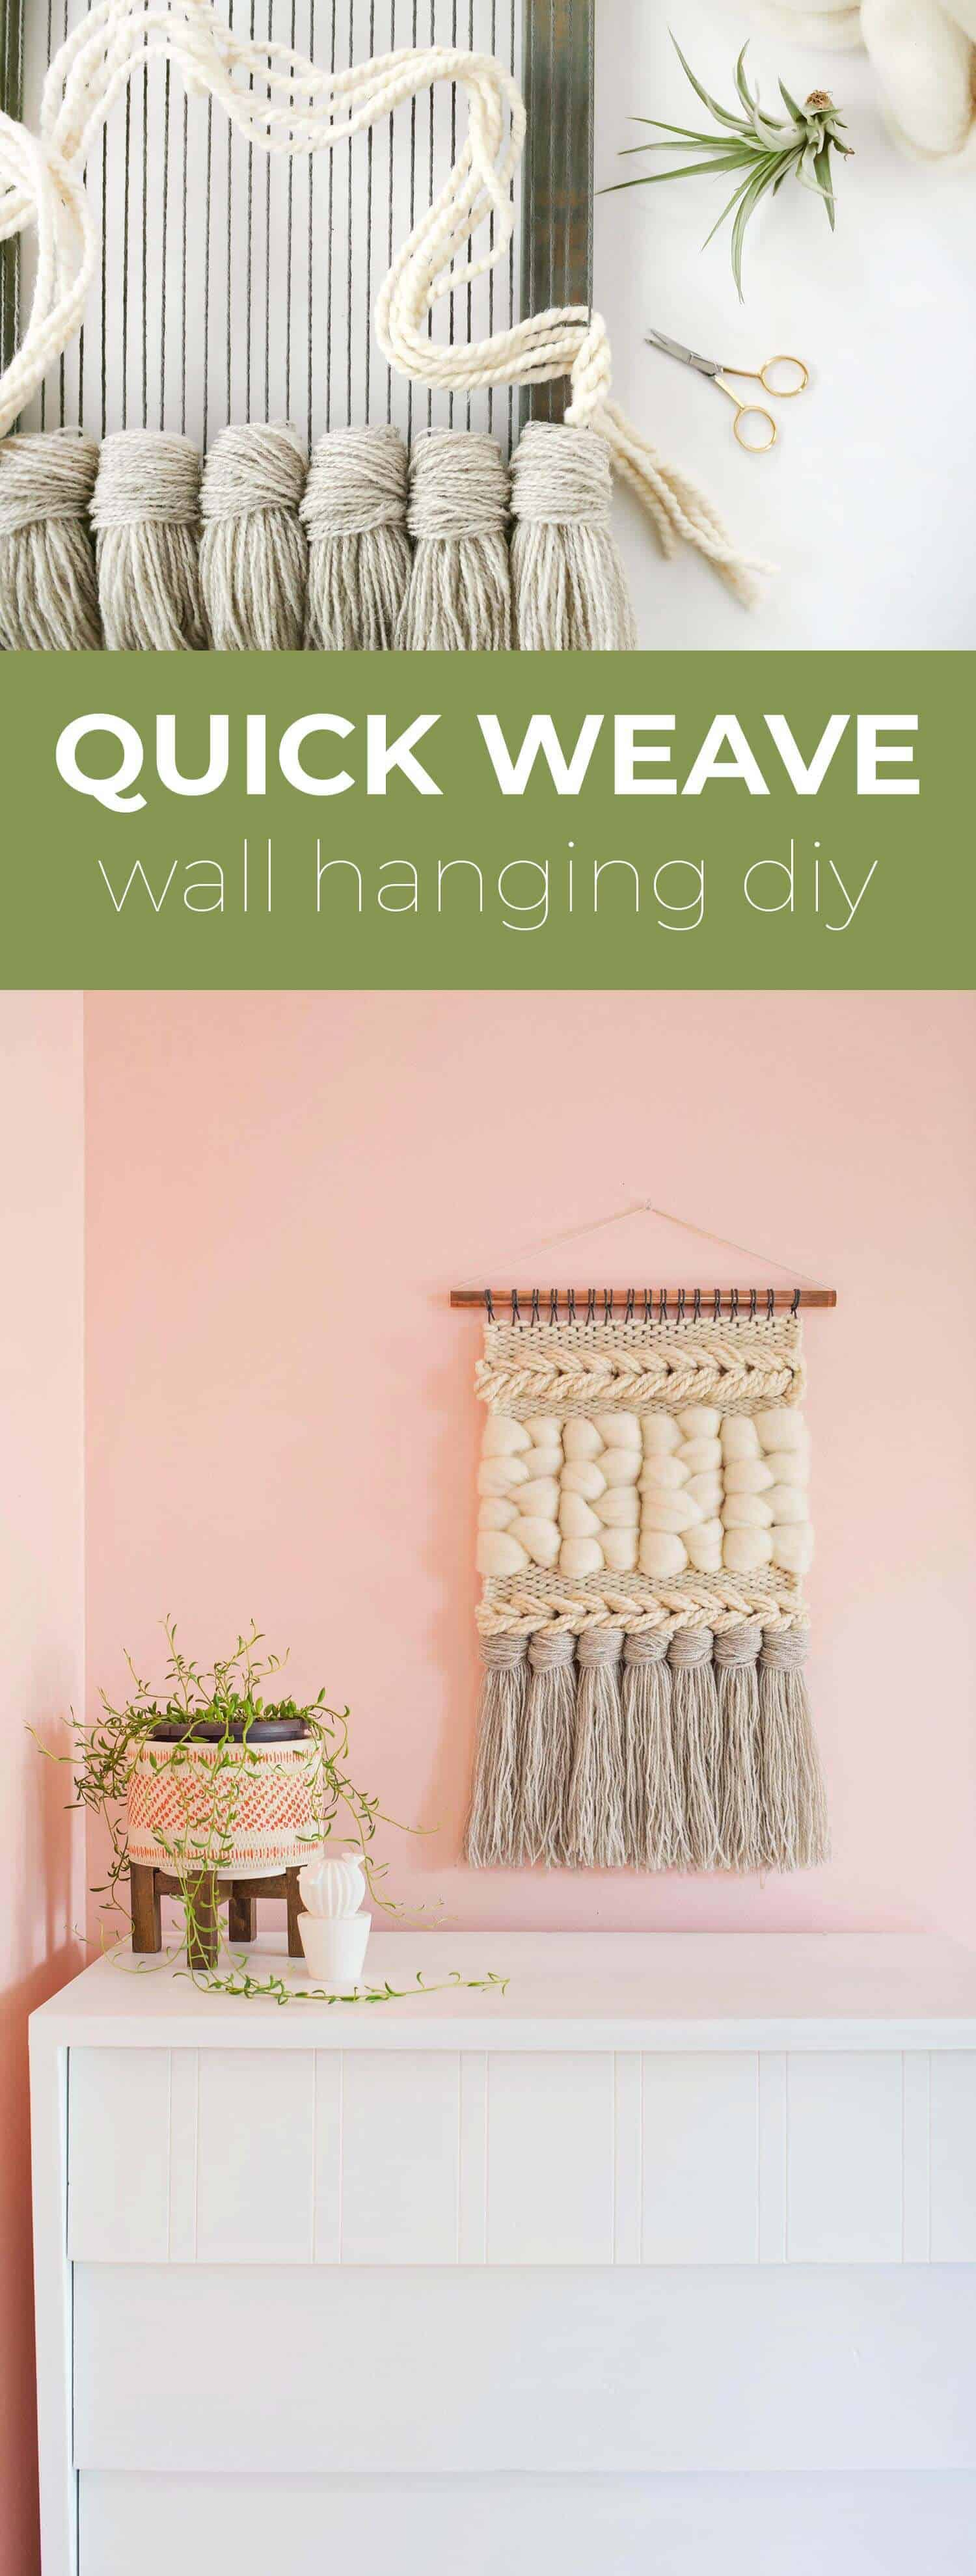 Schnell Weave Wandbehang DIY